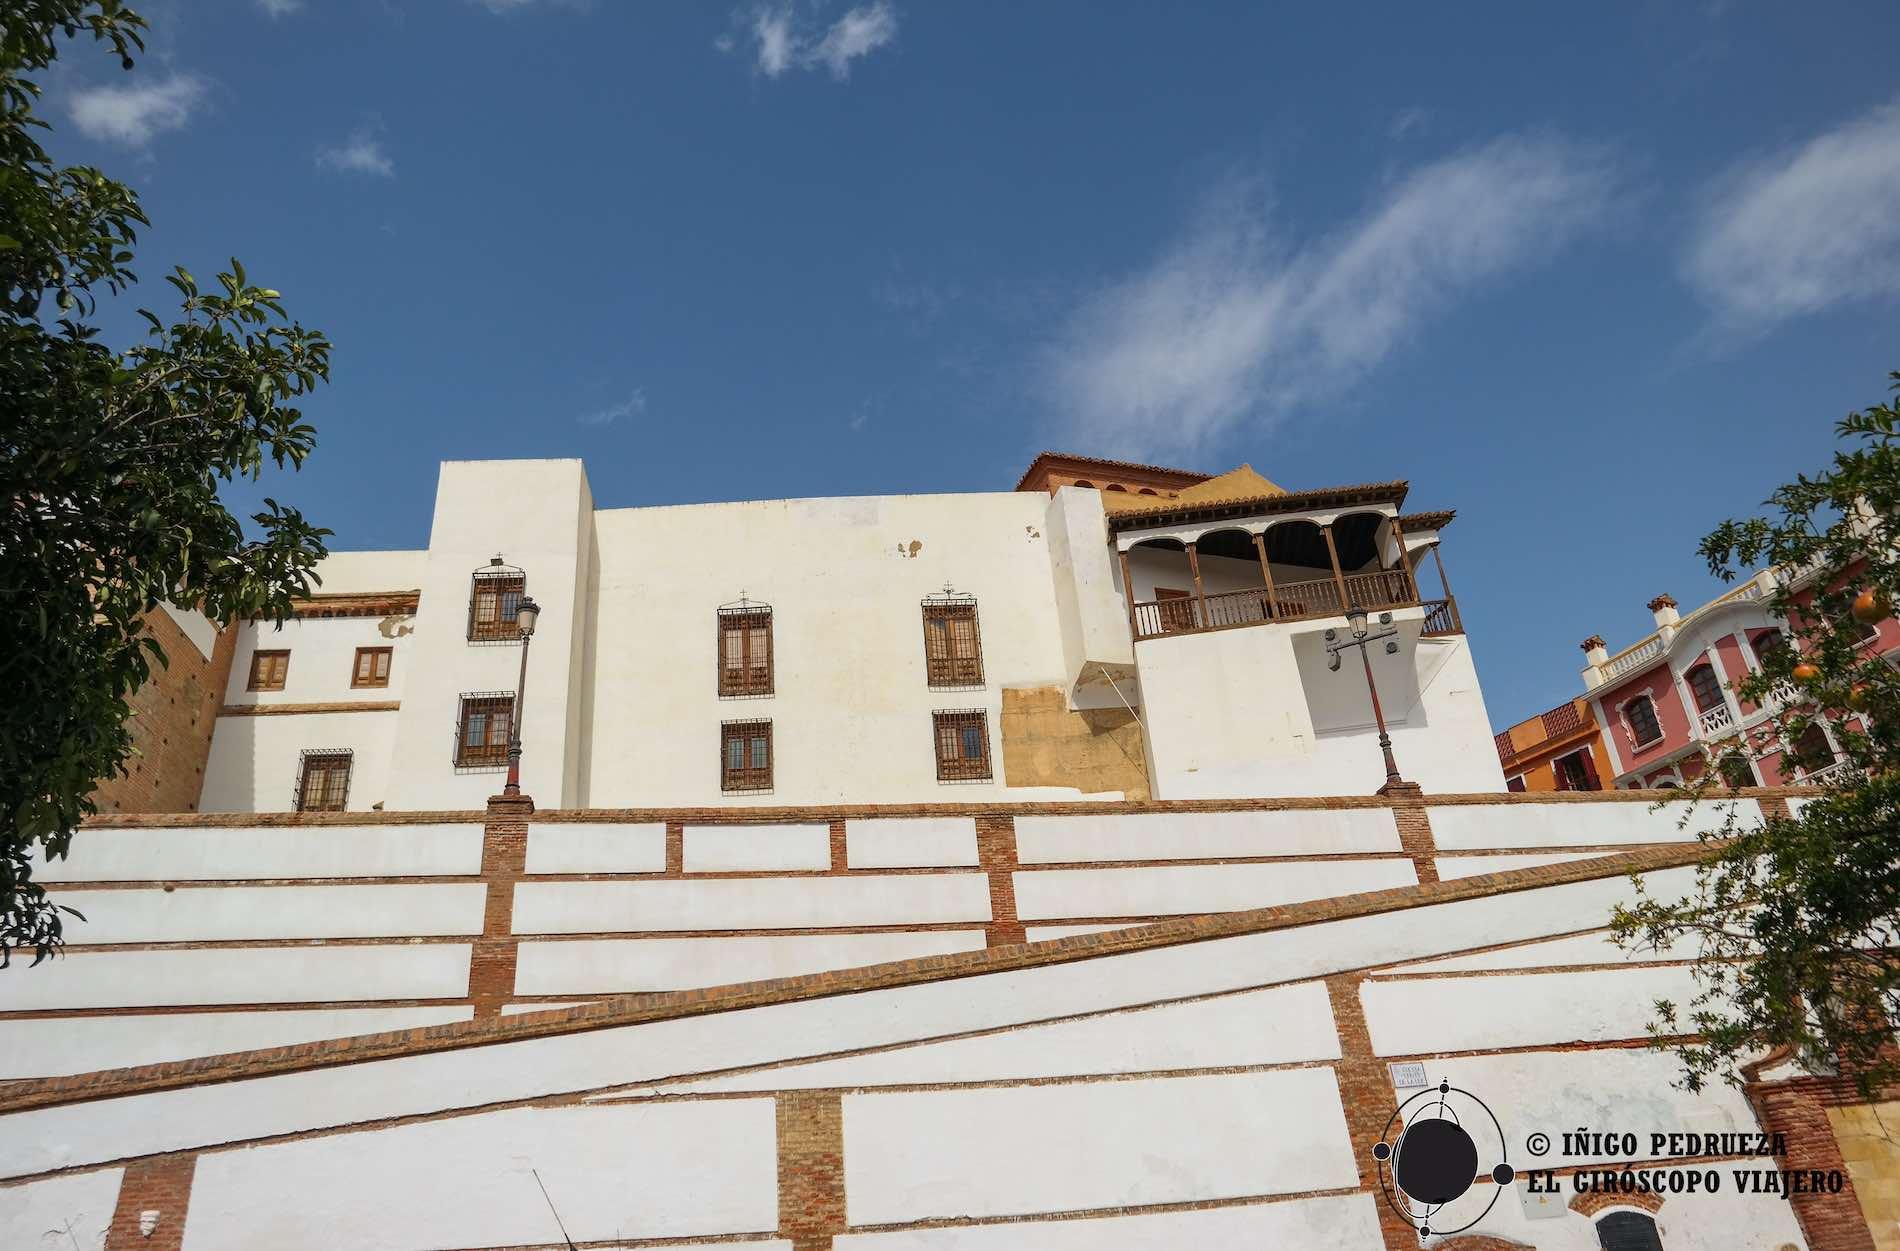 Cinematográfica escalera junto al Palacio de Pañaflor